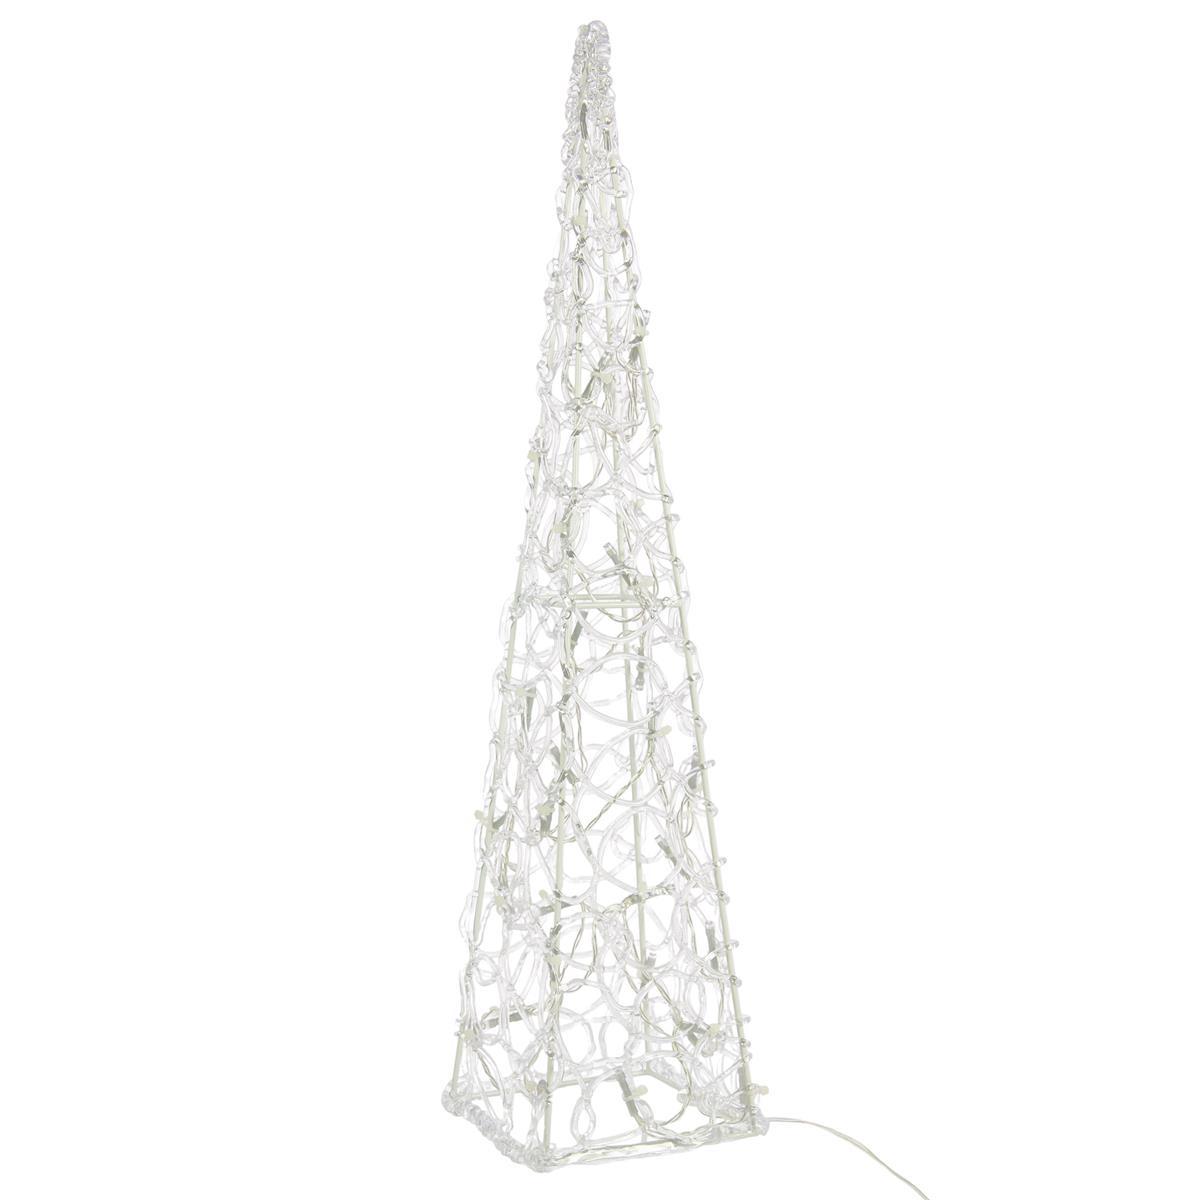 Lichterkegel Acryl beleuchtete Pyramide Lichtpyramide 30 LED weiß 60 cm Trafo Ti